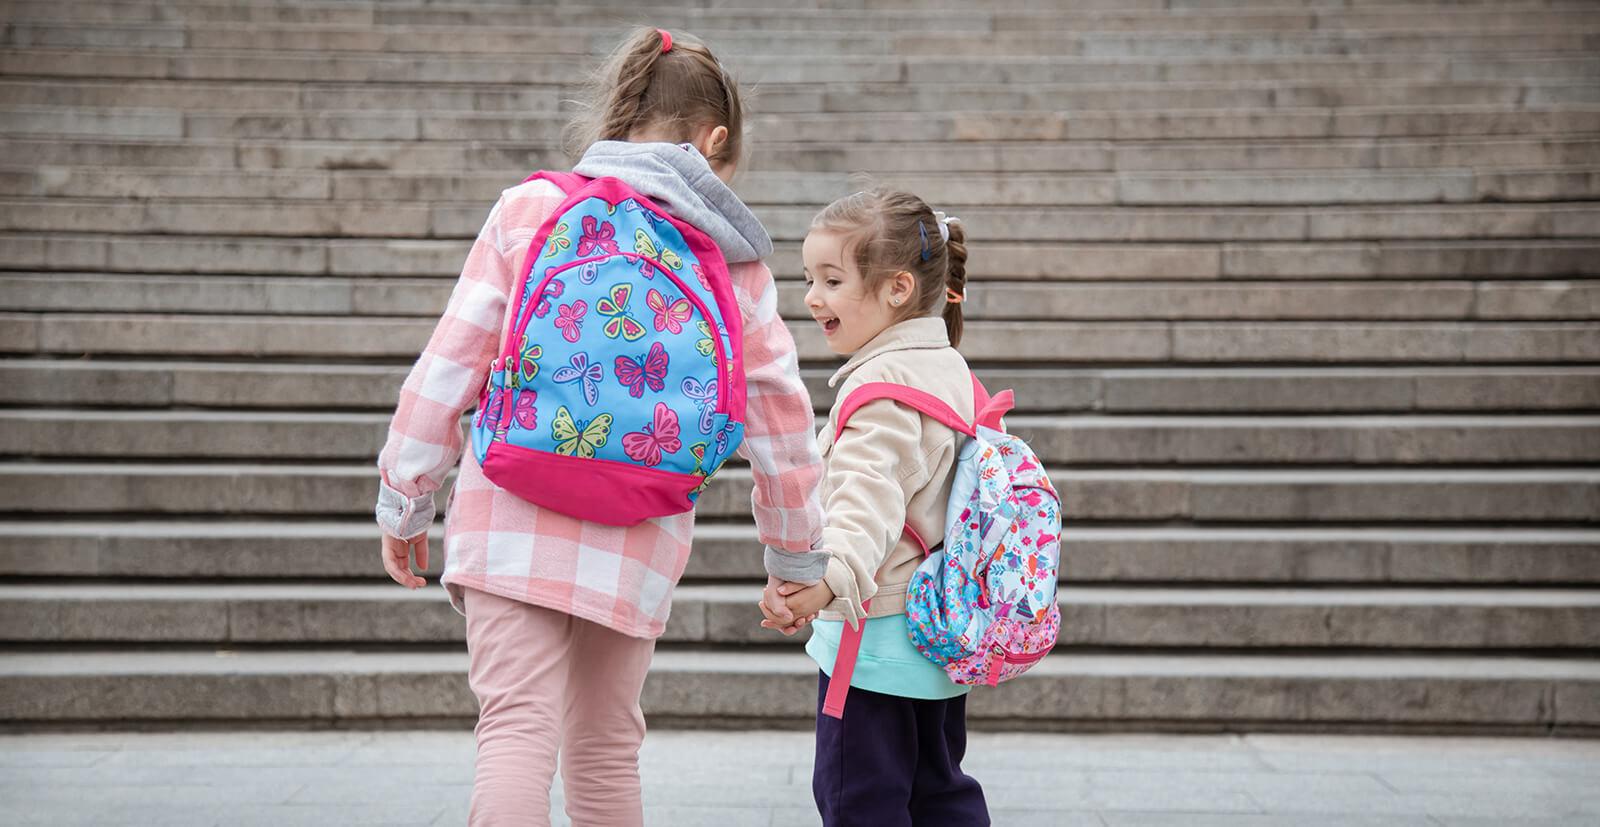 Dni wolne od szkoły 2021/2022: Jak wygląda kalendarz tego roku szkolnego? Kiedy wypadają ferie i inne przerwy od zajęć?